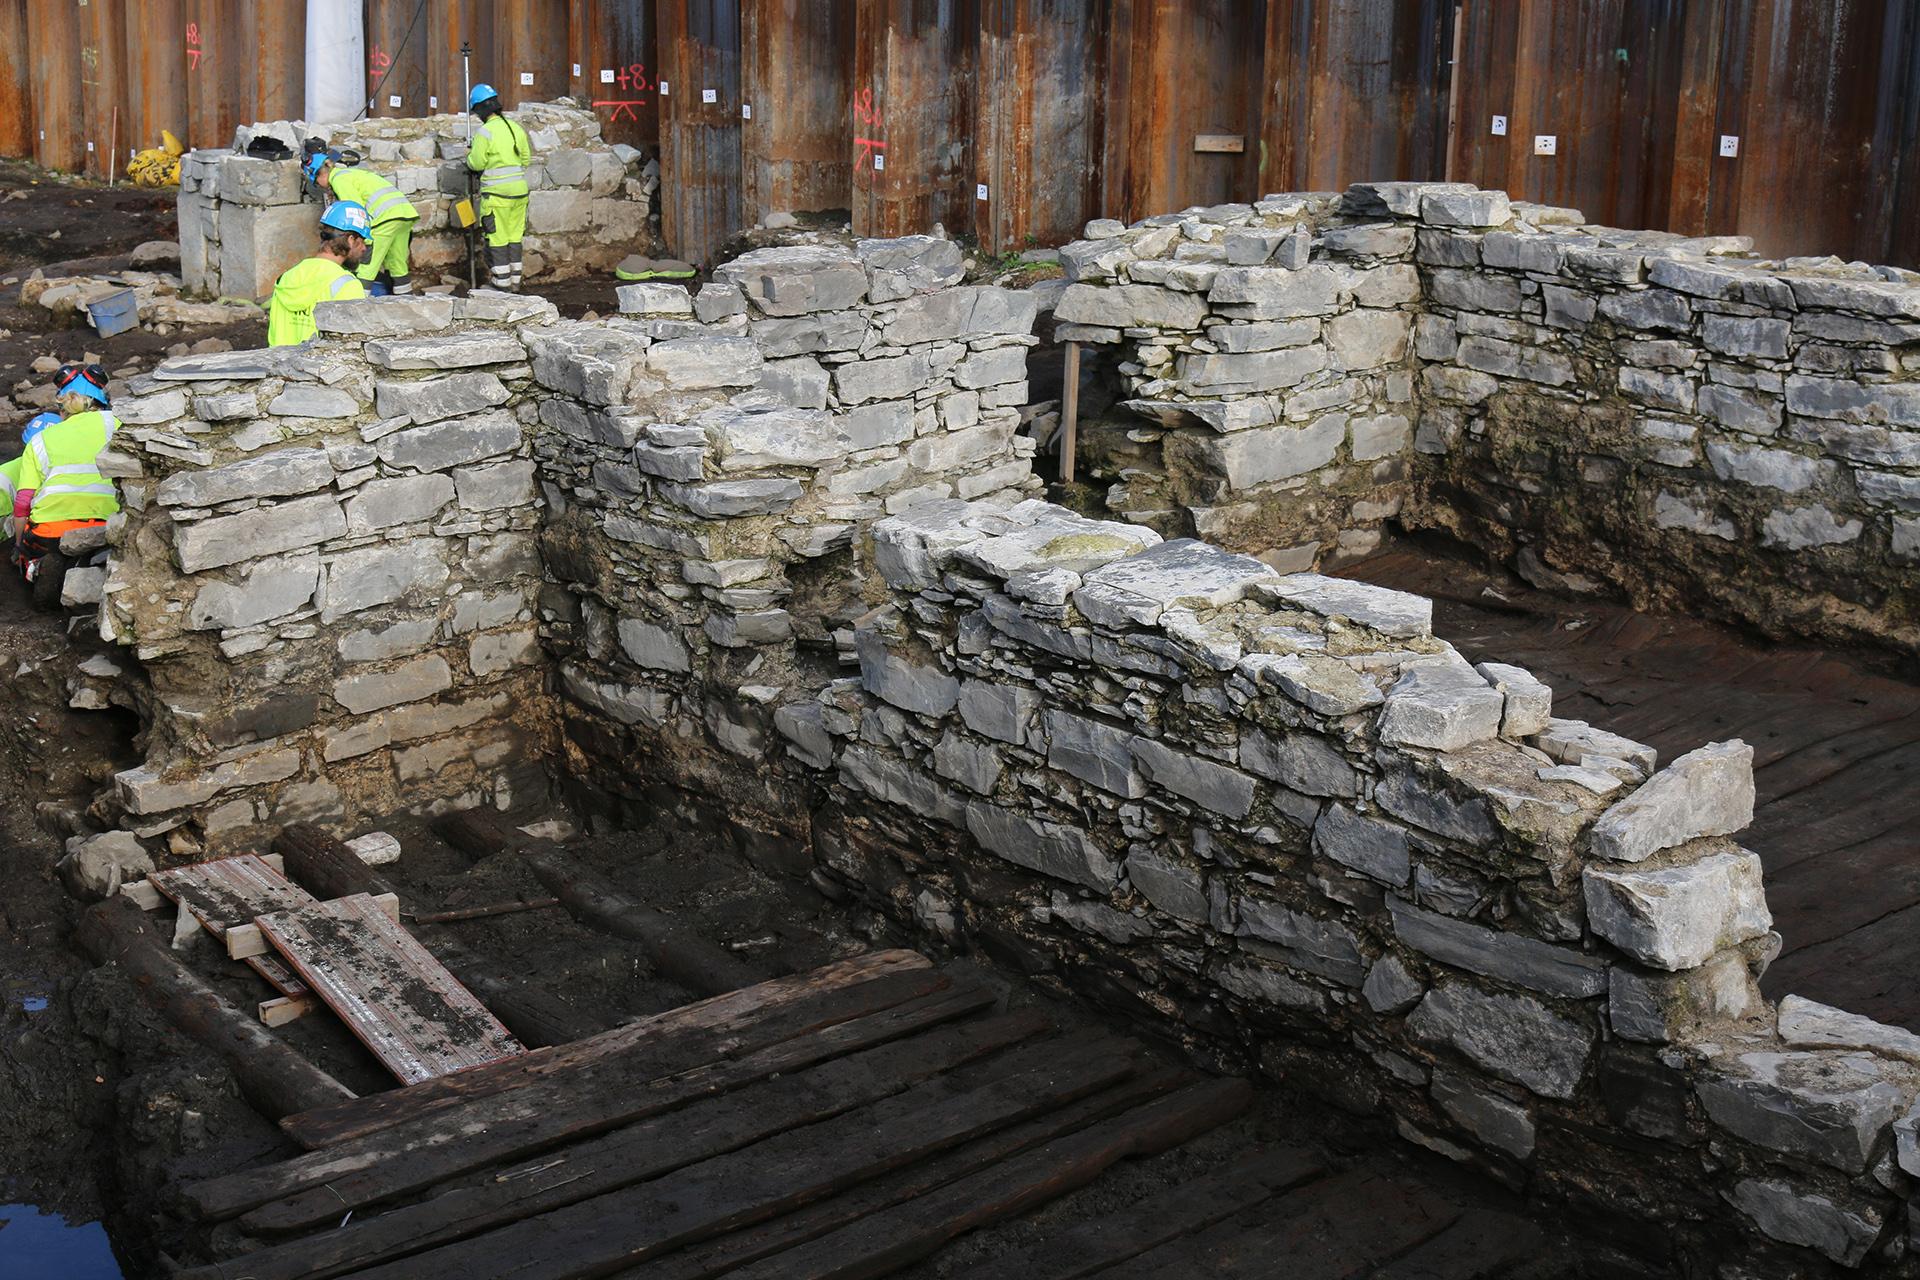 Bildet viser at arkeologene fra NIKU har avdekket en meget godt bevart steinkjeller, trolig fra 1200- eller 1300-tallet, med tregulv og opptil to meter høye steinvegger noen steder.Foto: Turid Årsheim, Riksantikvaren